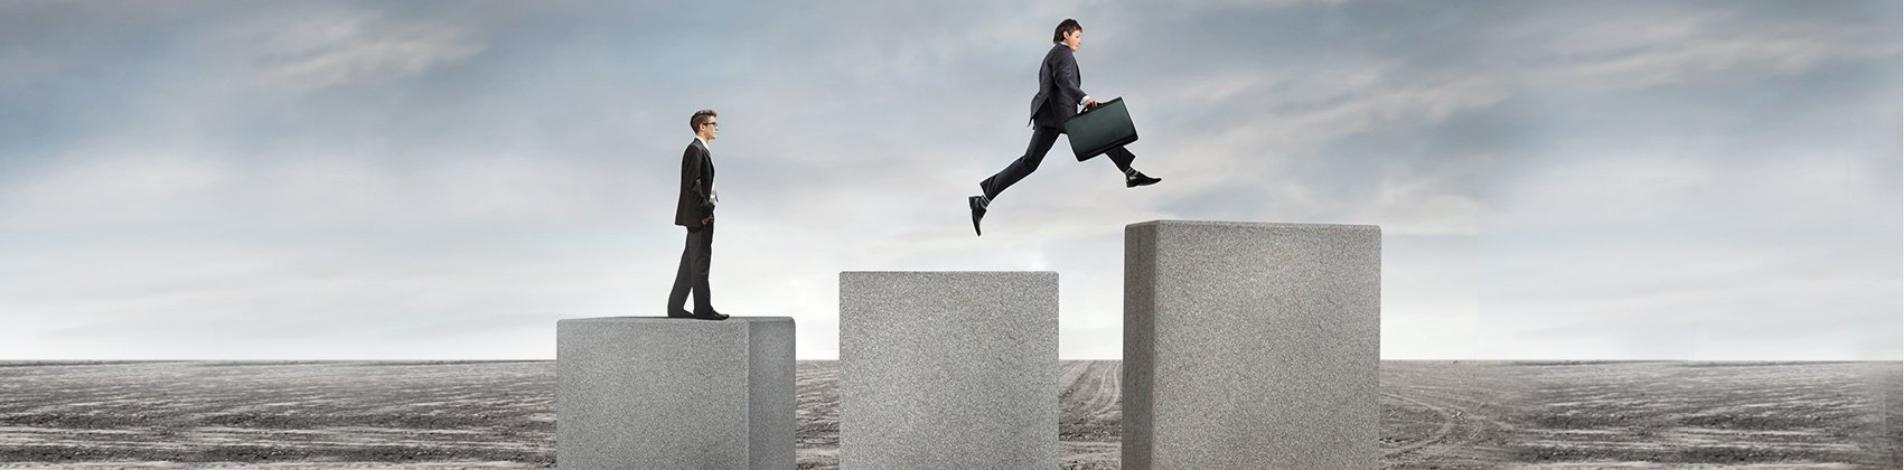 Uomini business crescita